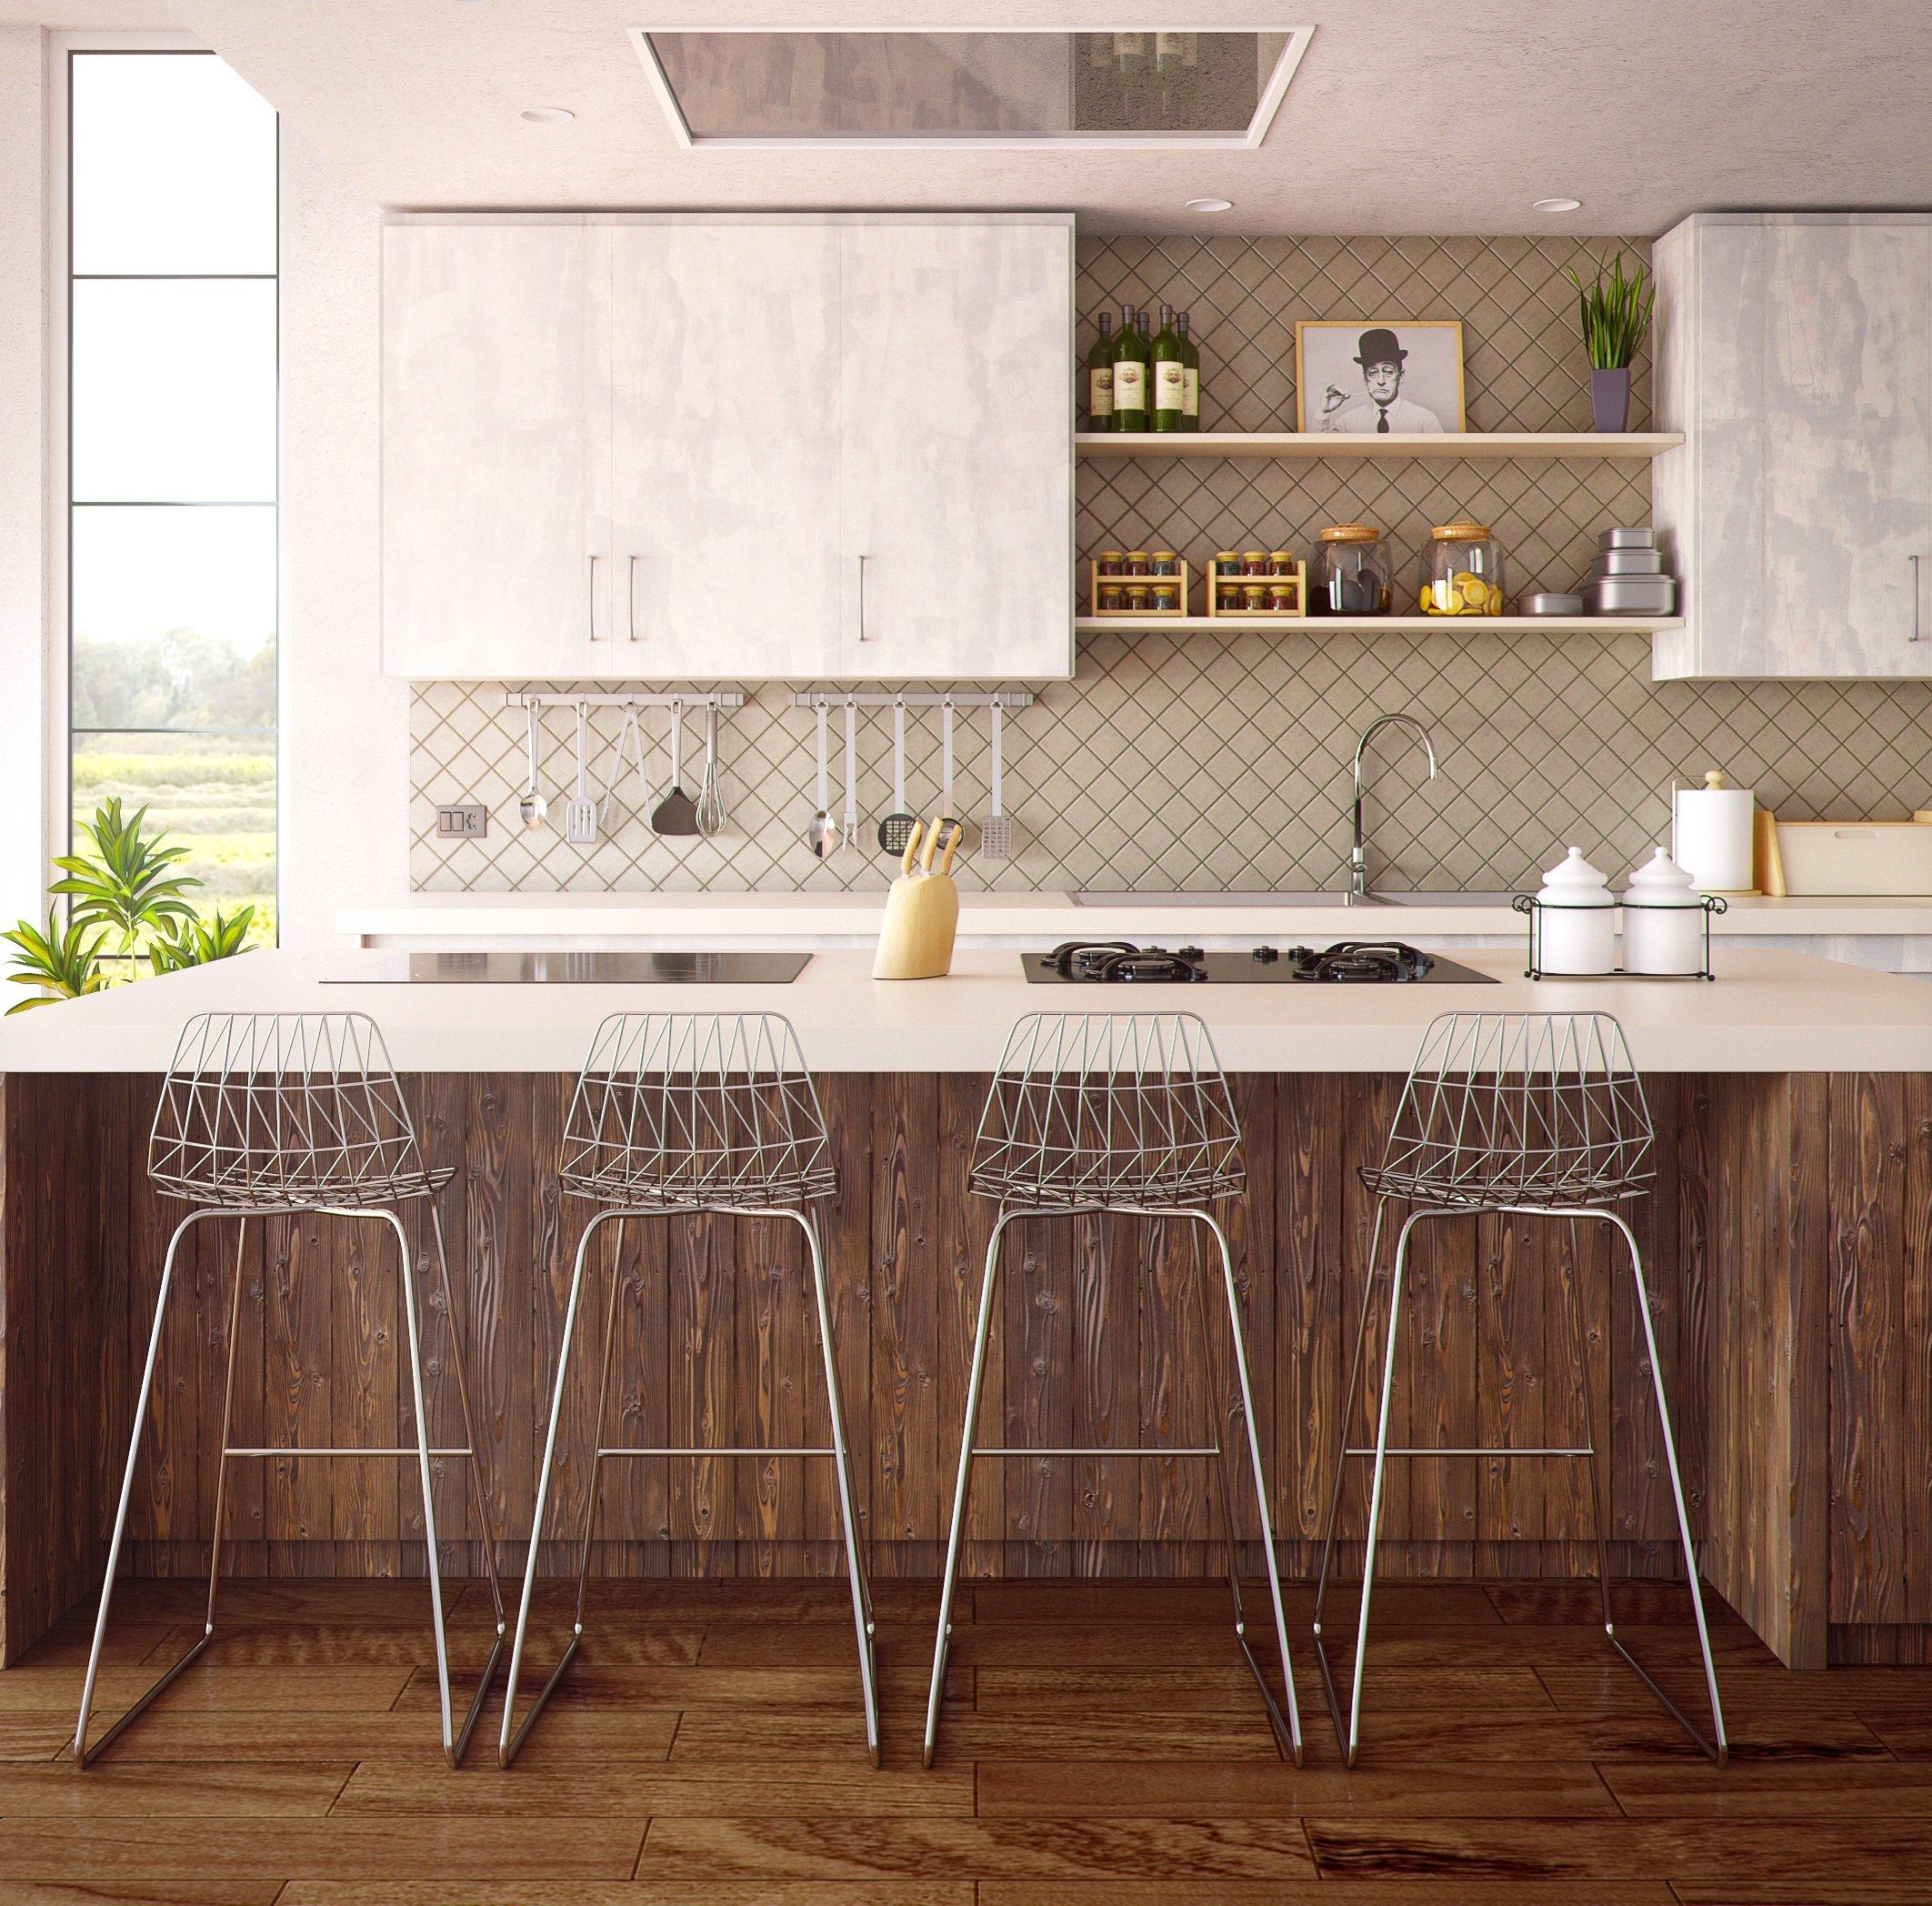 DECORAÇÃO DE CASA: DICAS PARA RENOVAR O AMBIENTE GASTANDO POUCO - Decoração da Cozinha